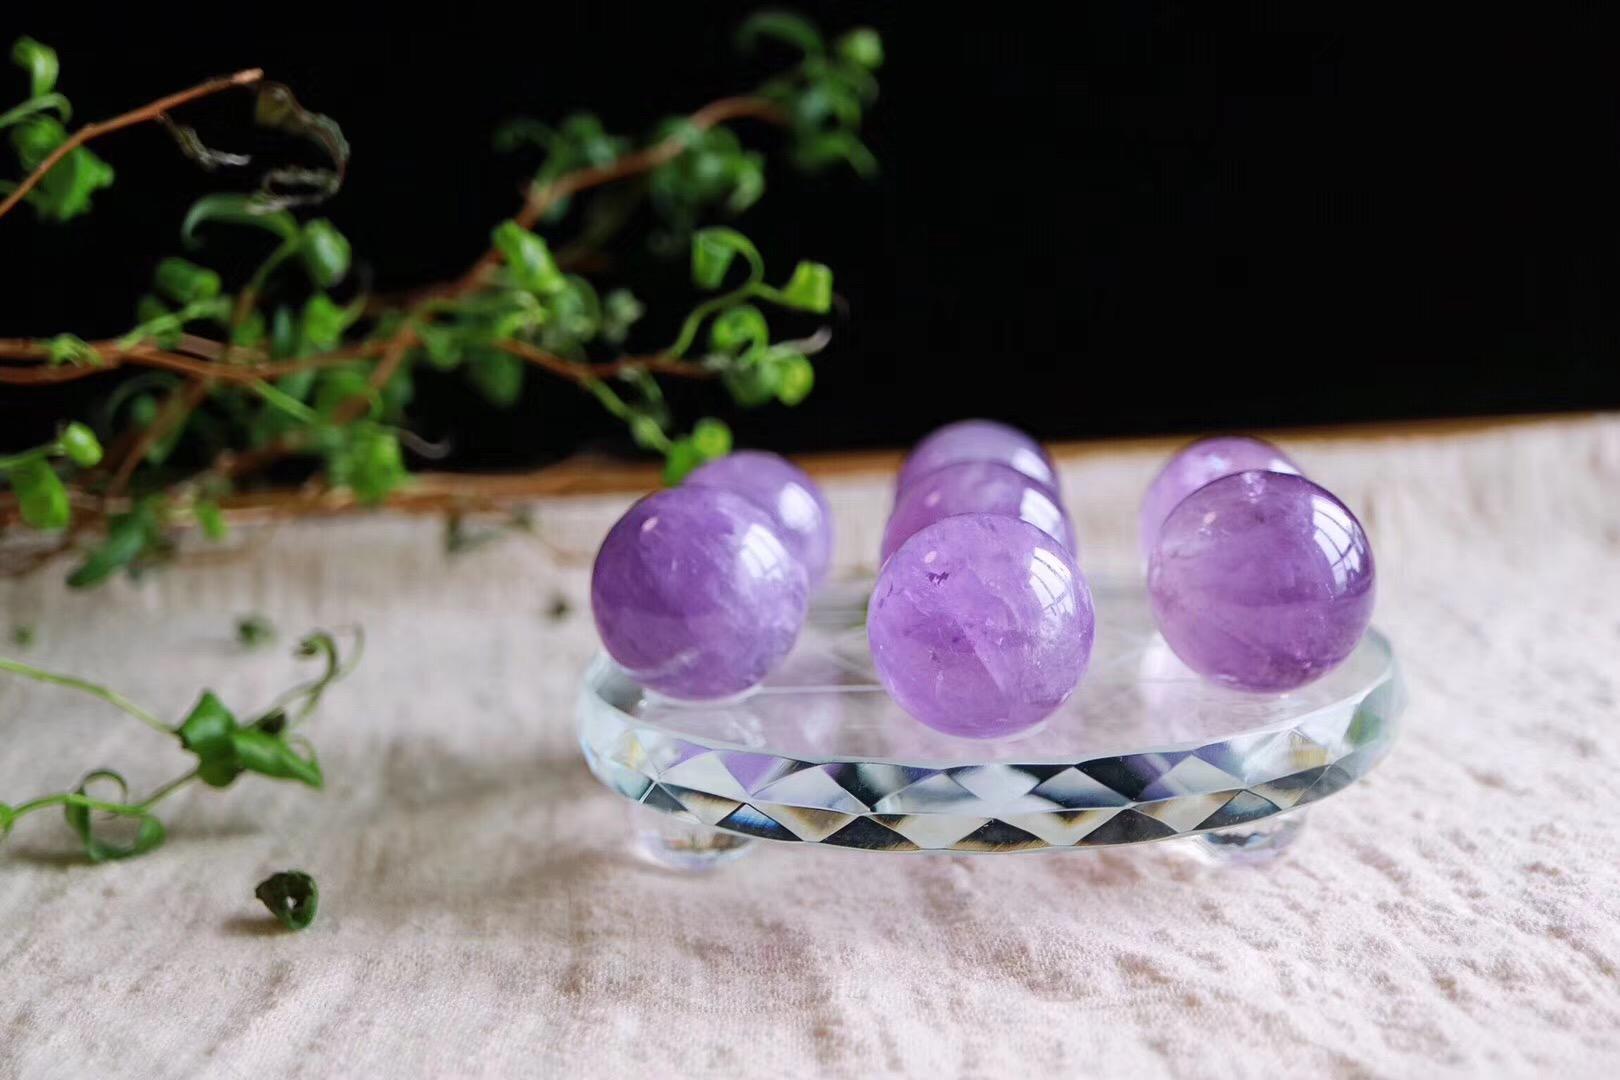 【菩心 | 紫晶🔮七星阵】一组紫晶球七星阵,有助于我们的心灵成长~~-菩心晶舍